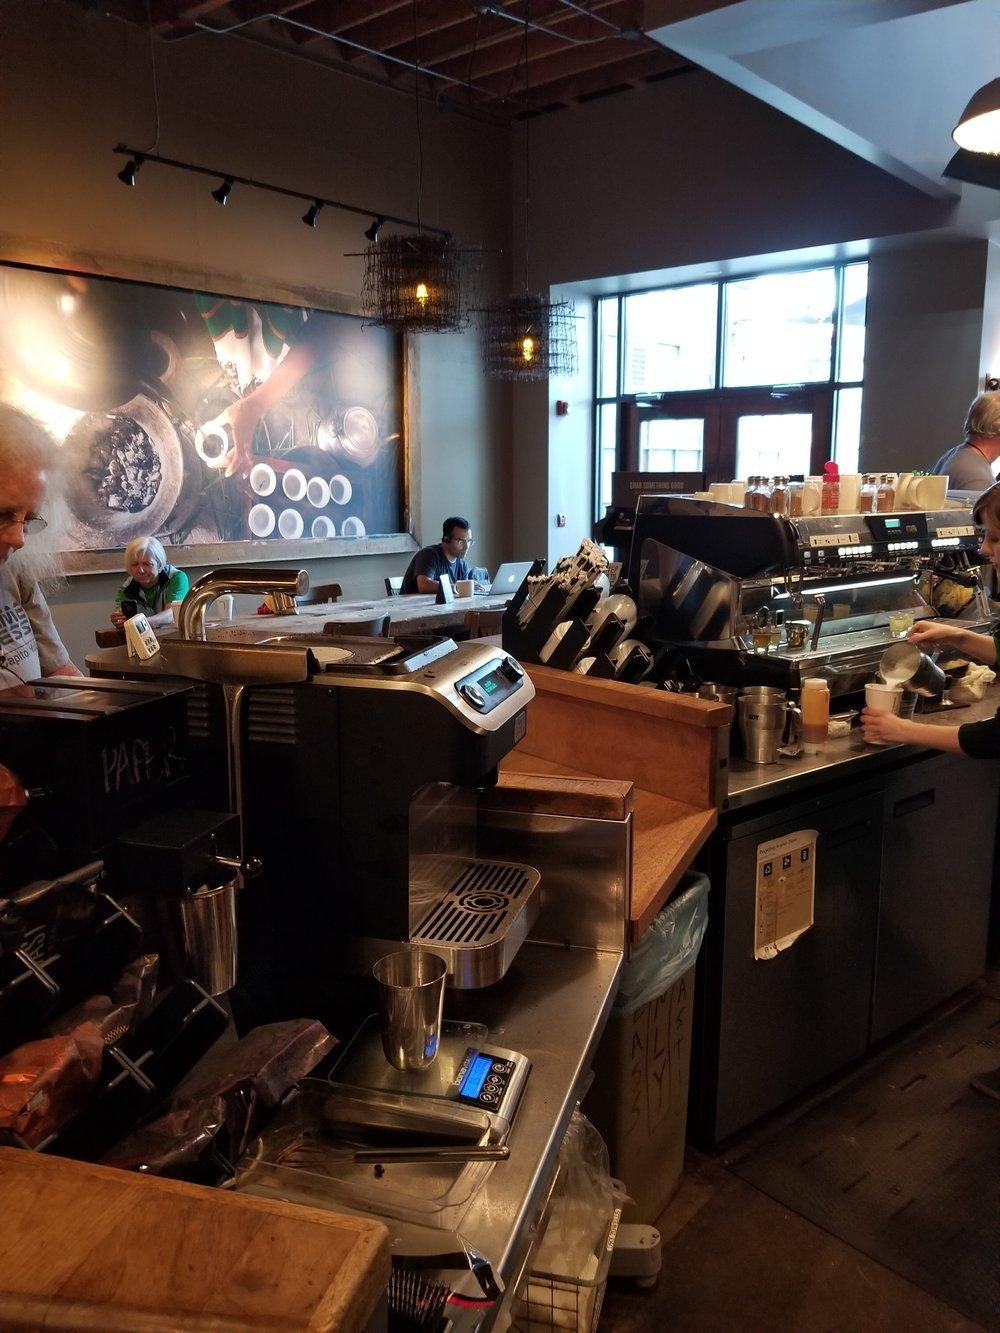 2017 Sept 10 15th Ave Coffee and Tea near bar area.jpg